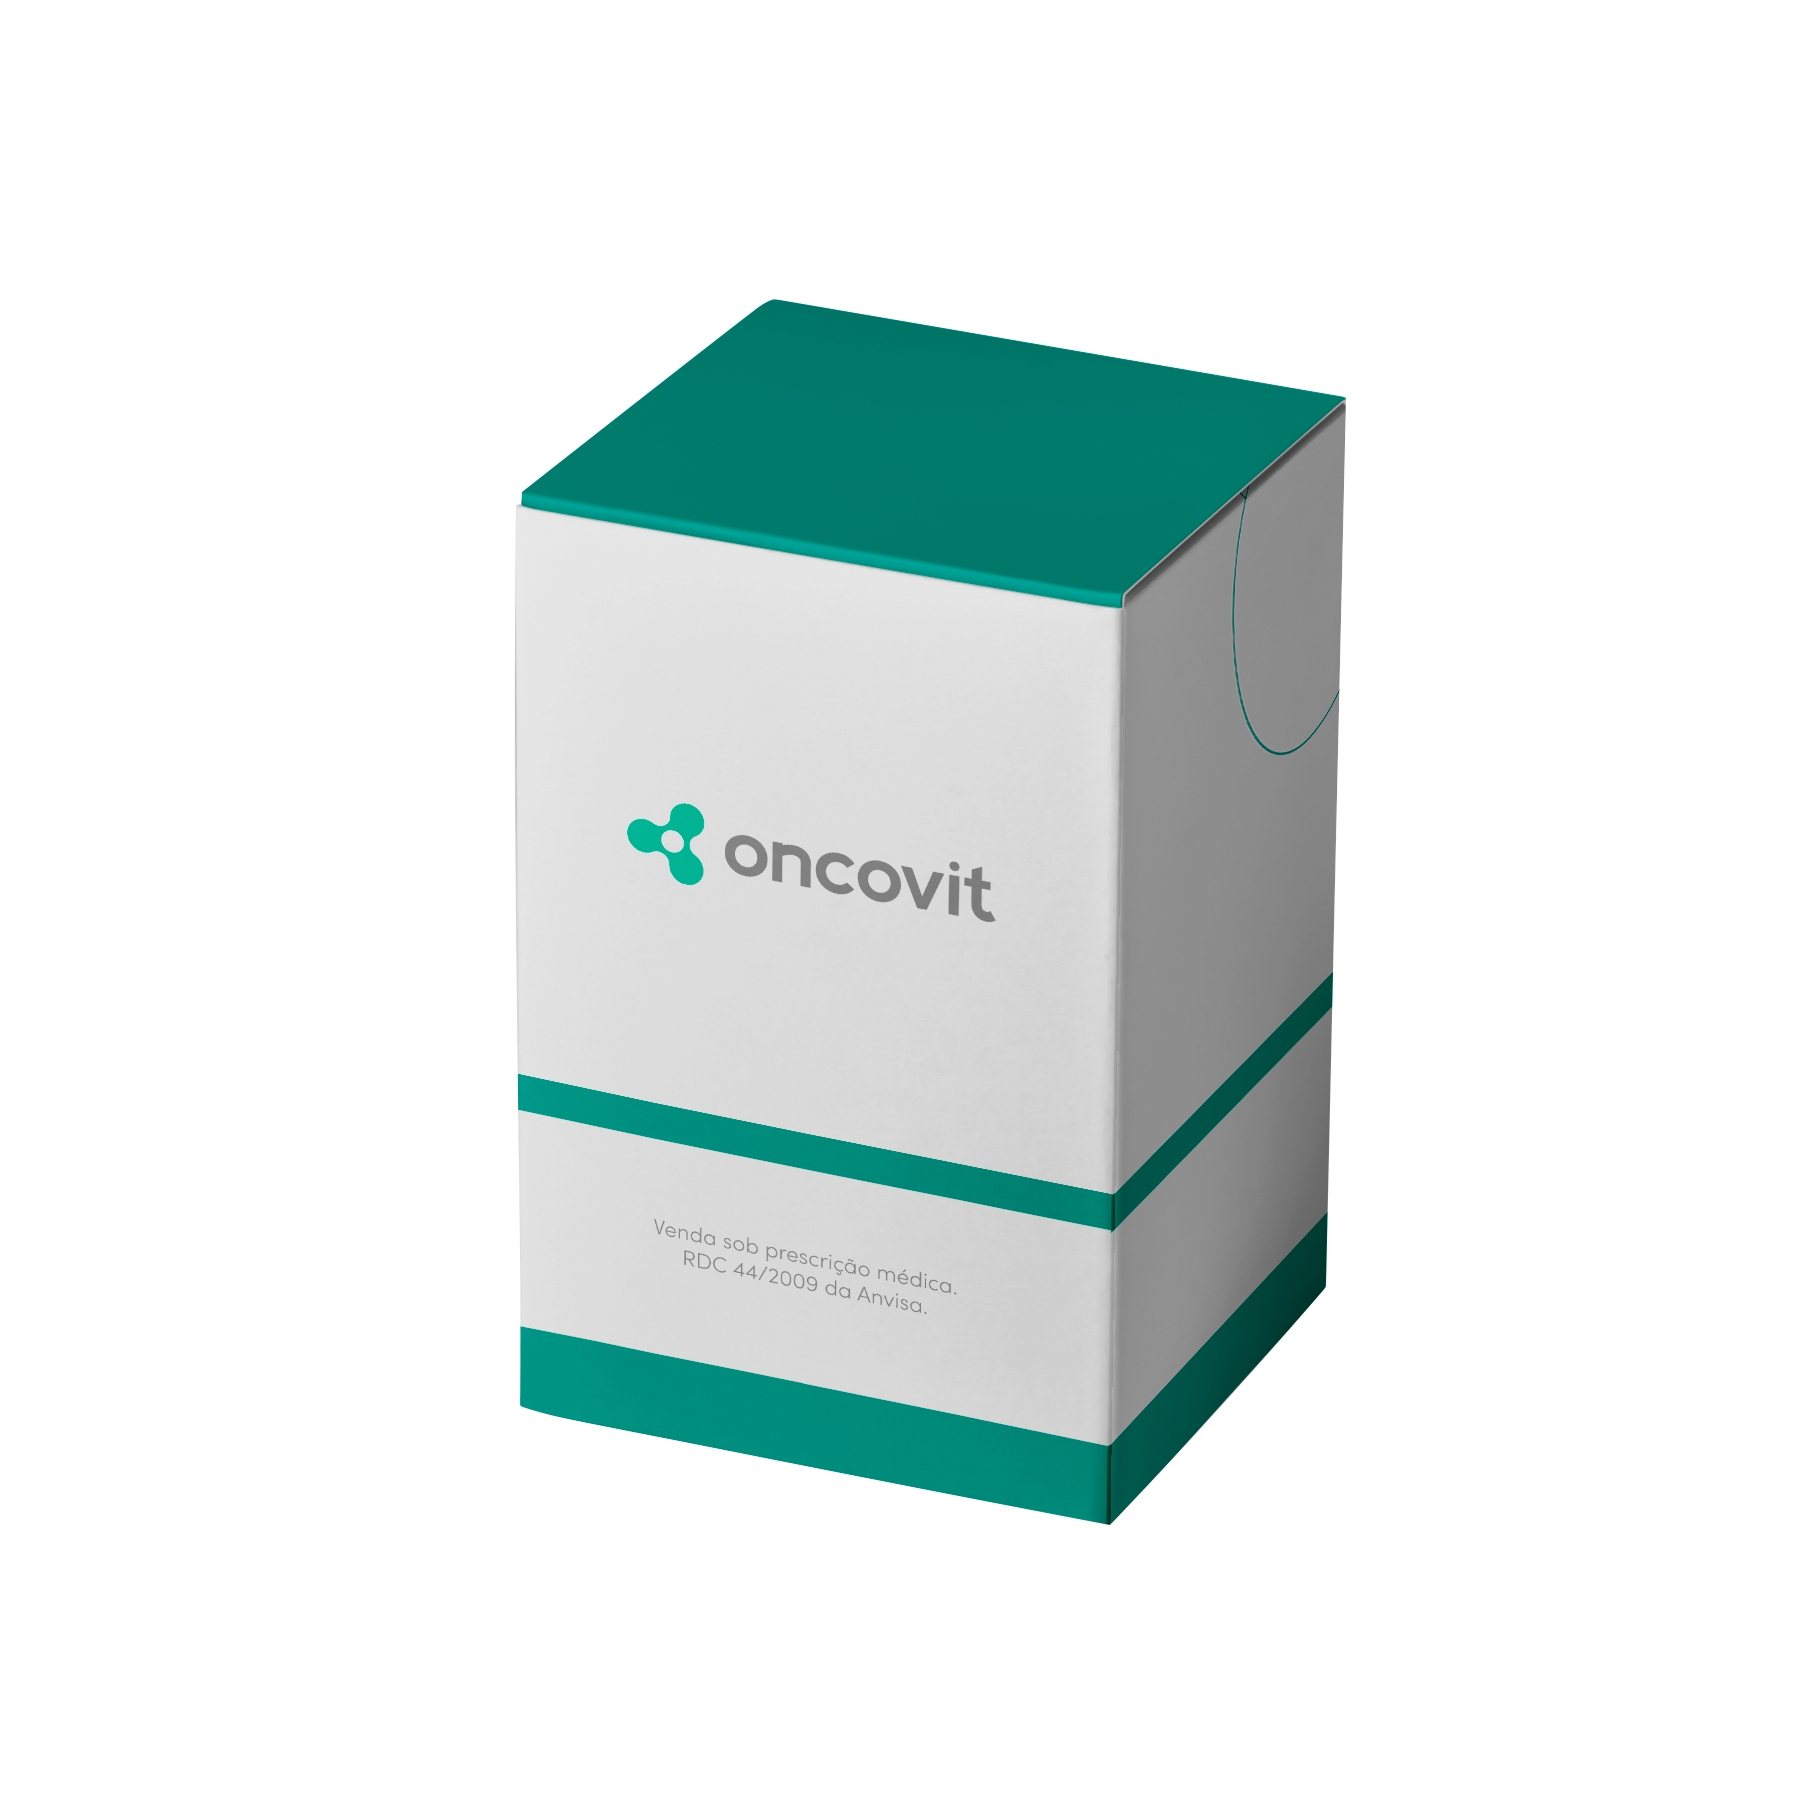 Alfaepoetina 40.000UI/mL caixa com 1 seringa preenchida com 1mL de solução de uso intravenoso ou subcutâneo + sistema de segurança